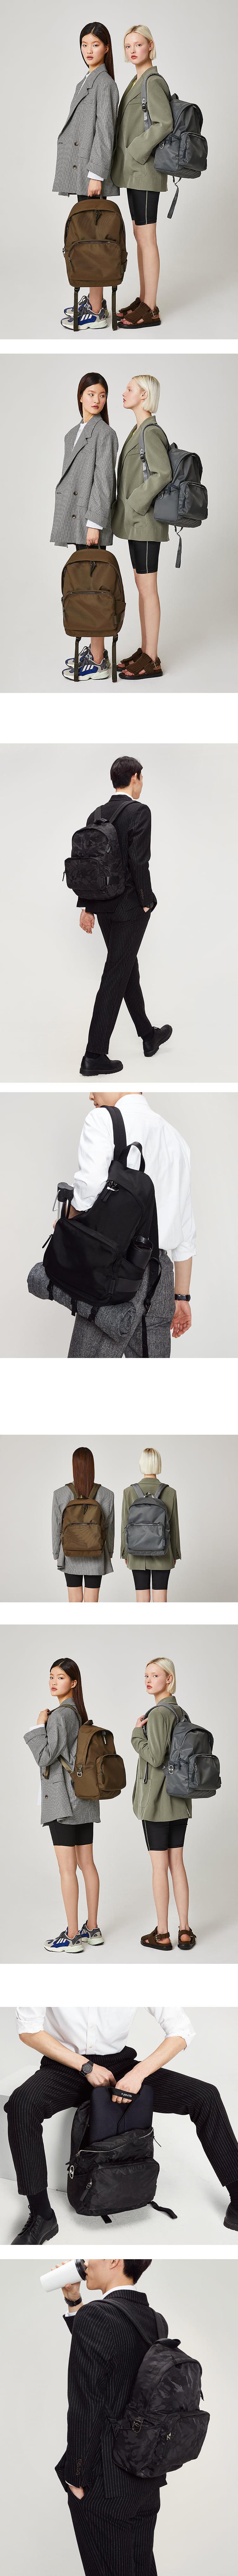 조셉앤스테이시(JOSEPH&STACEY) Ultra Backpack L Camouflage Black